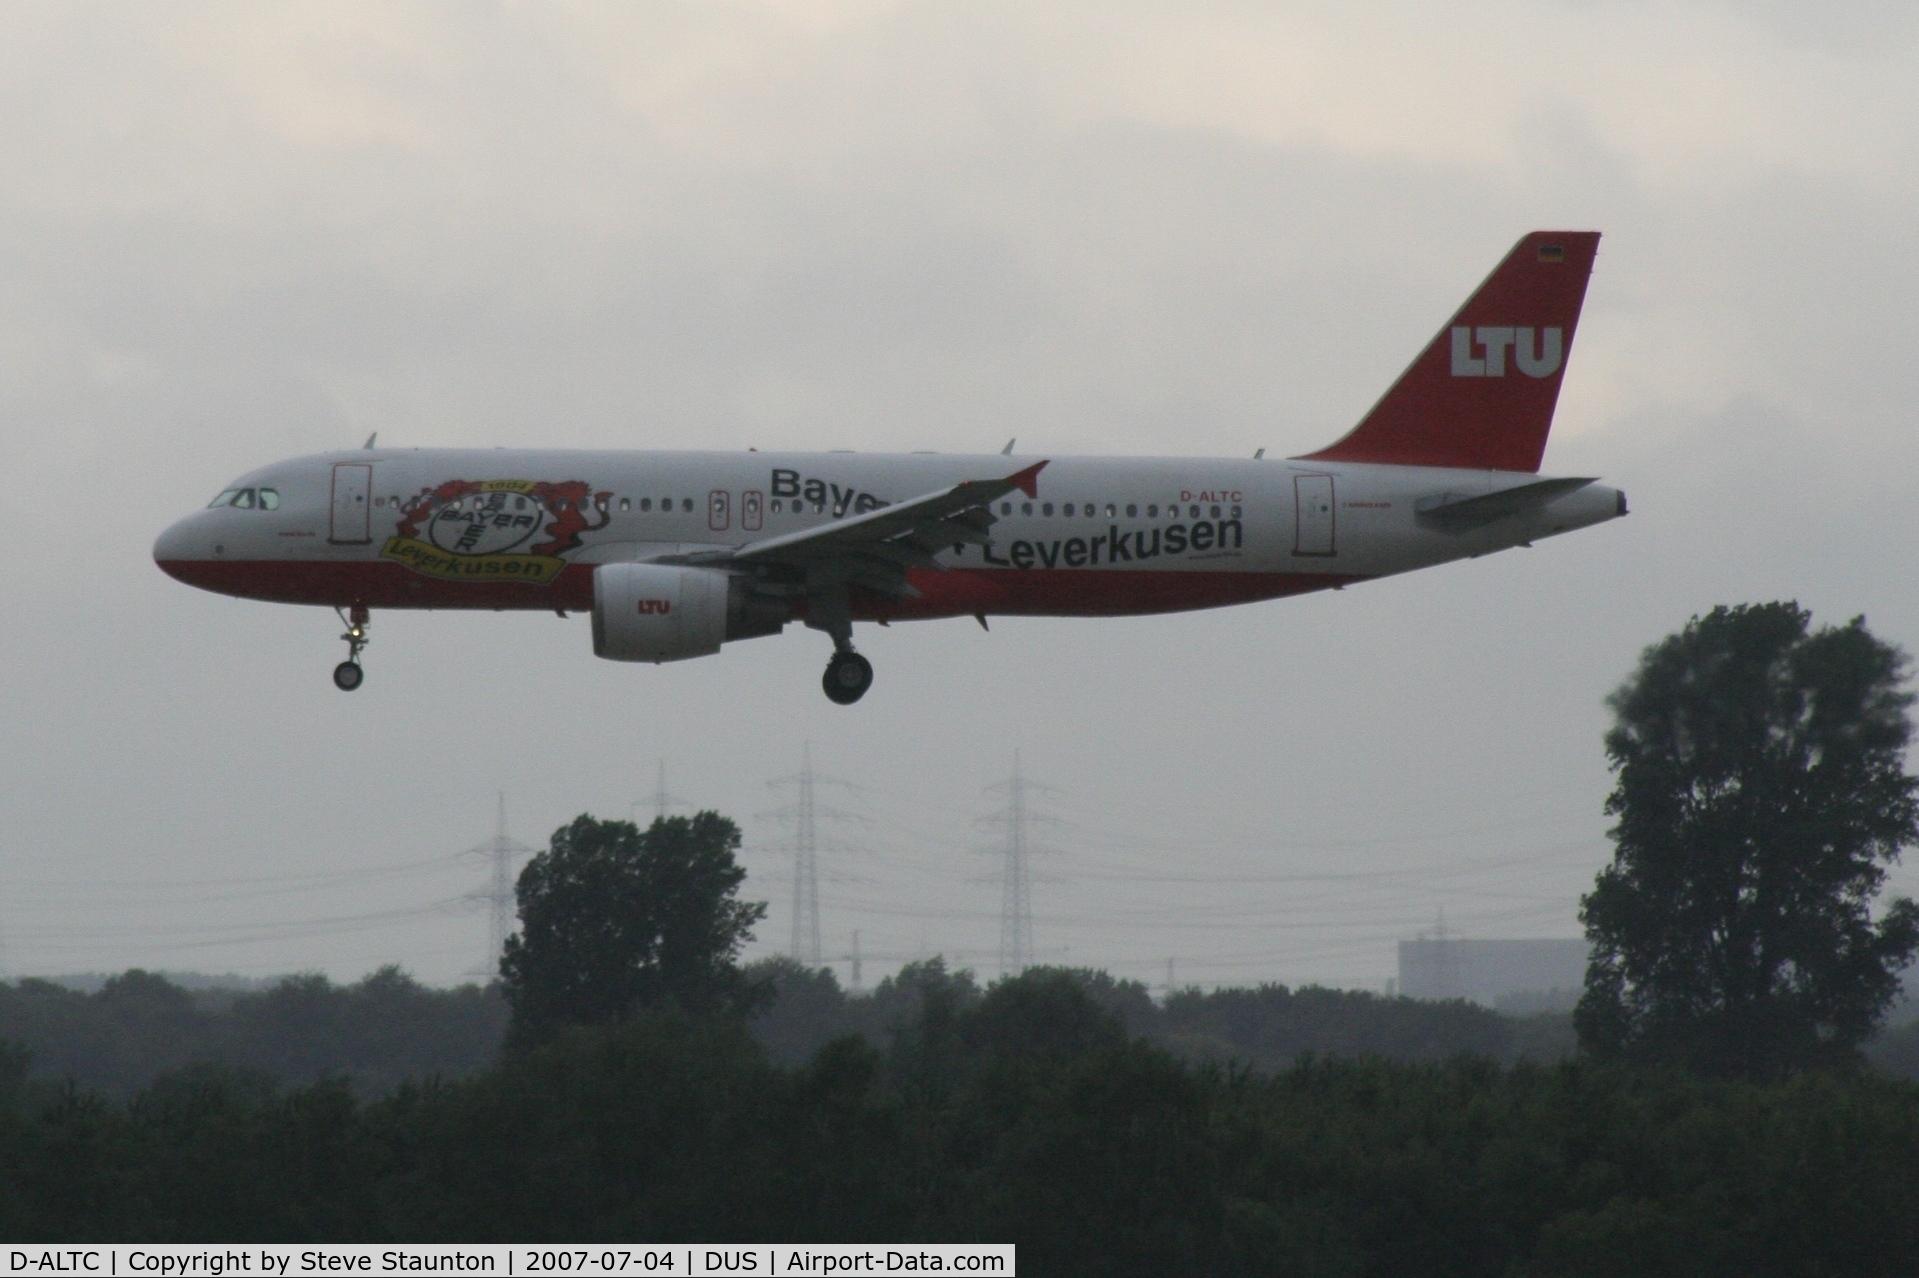 D-ALTC, 2001 Airbus A320-214 C/N 1441, Taken at Dusseldorf July 2007